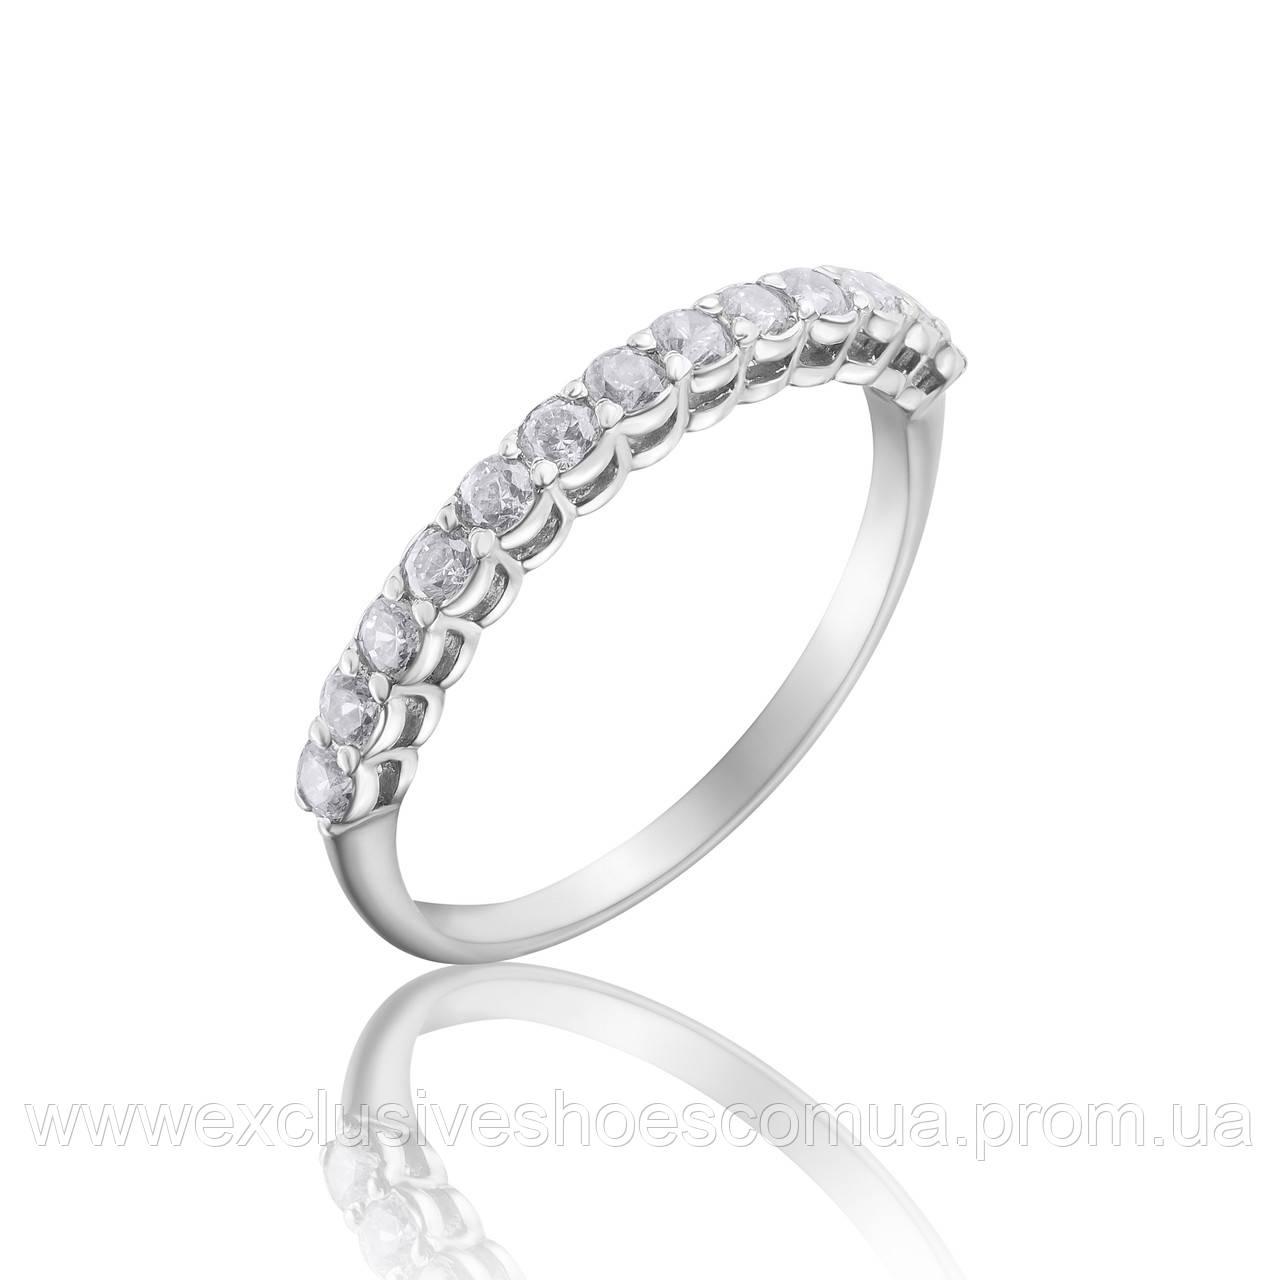 Серебряное помолвочное кольцо